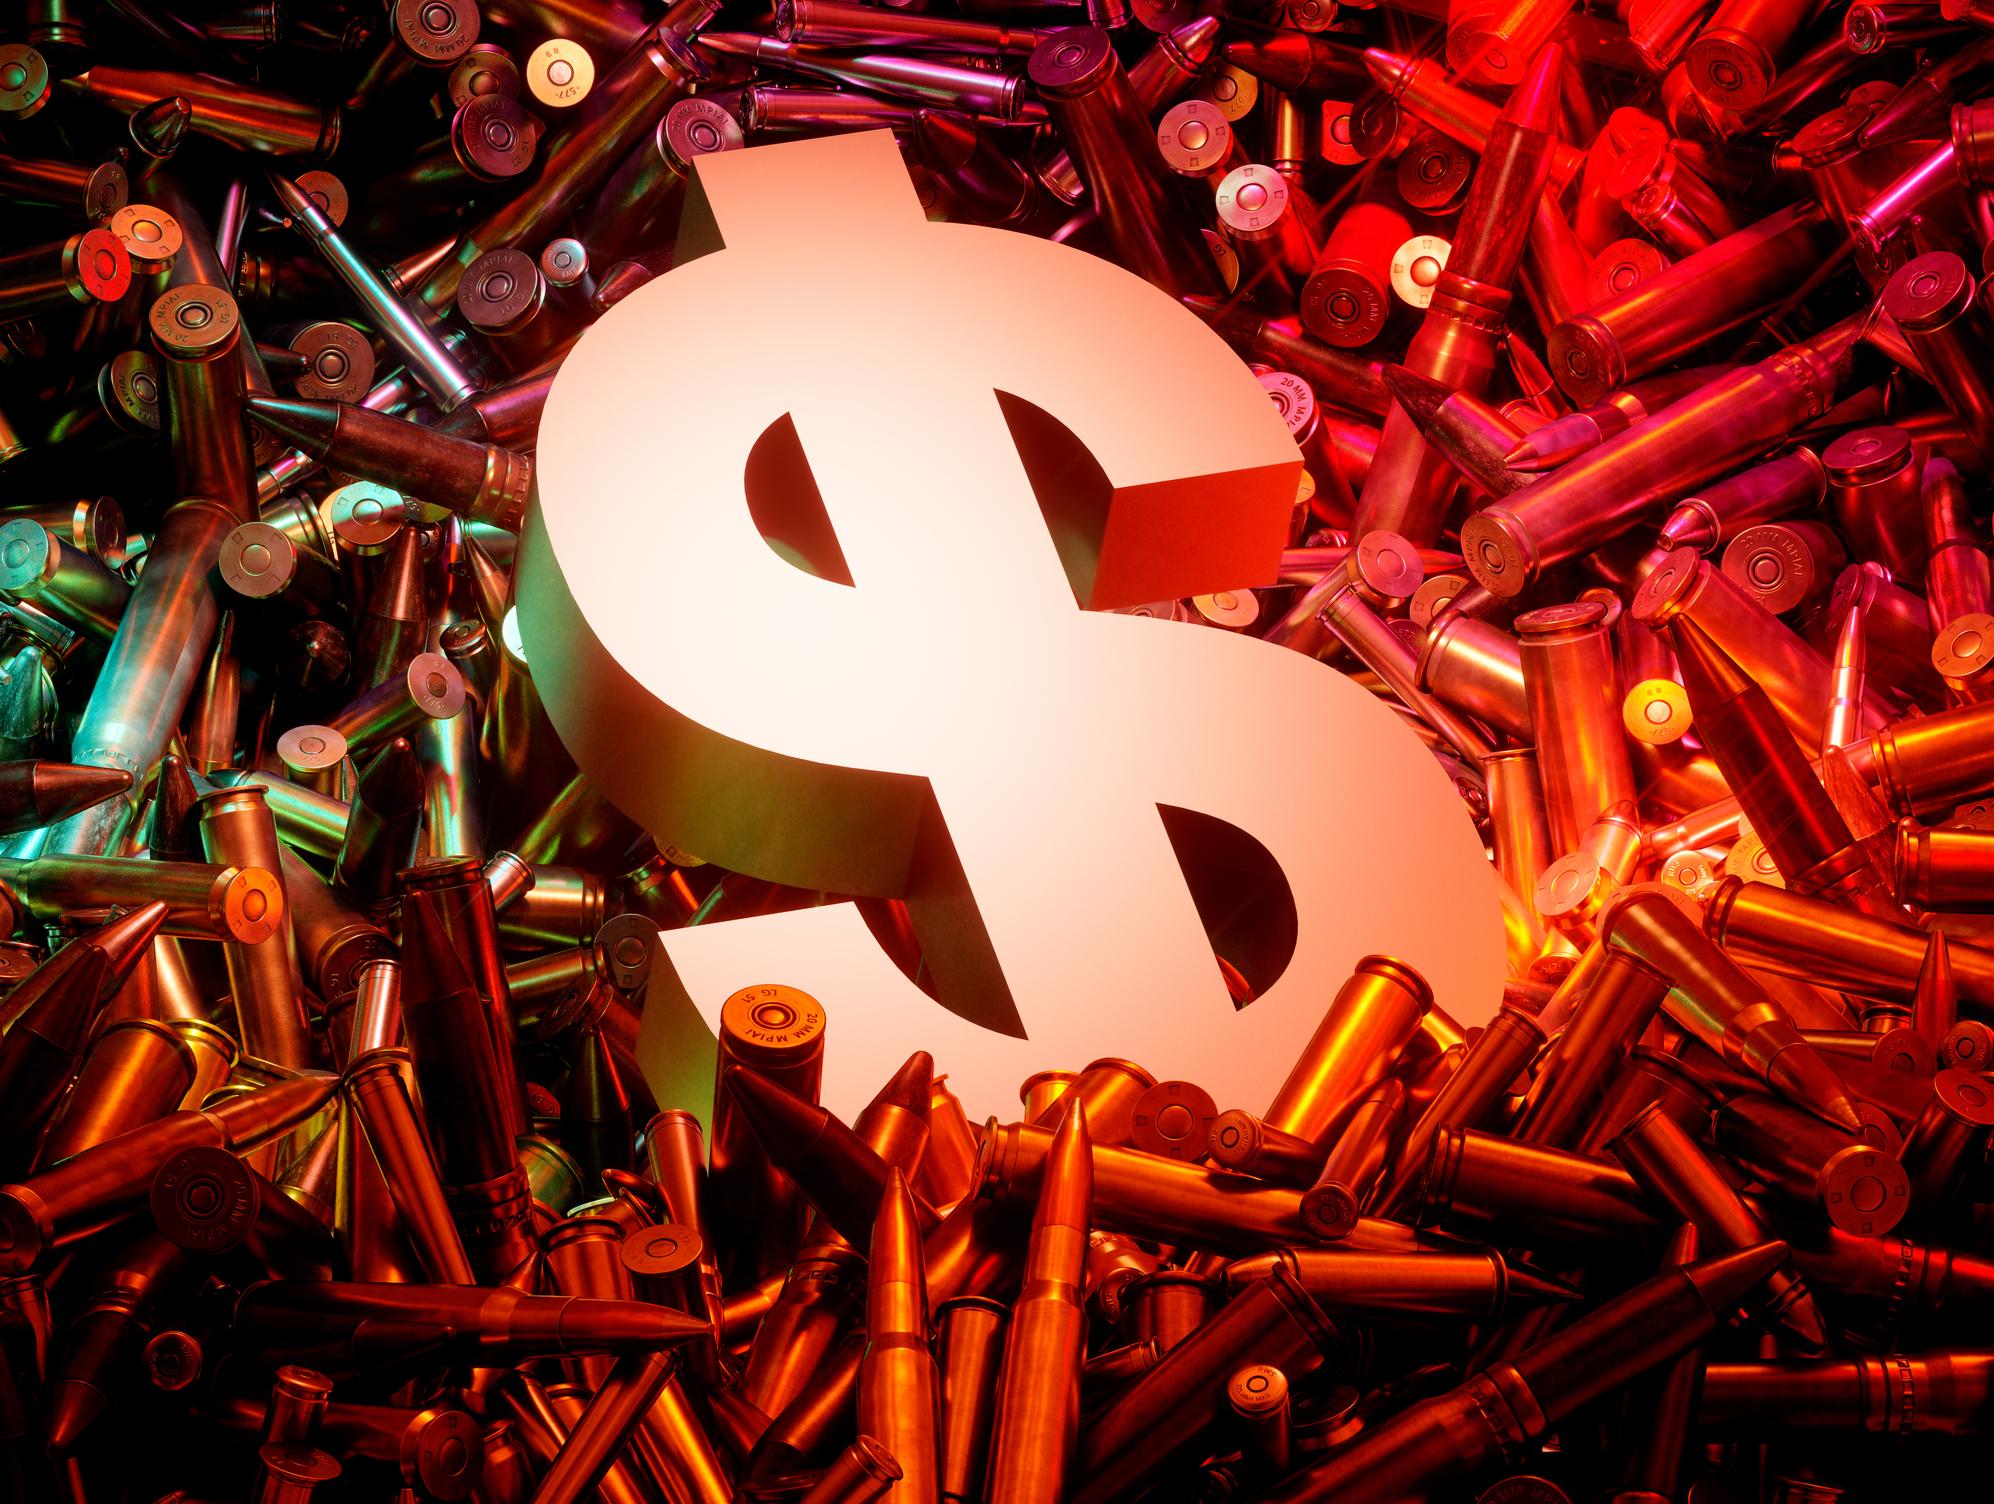 dollar sign bullets ammo ammunition getty